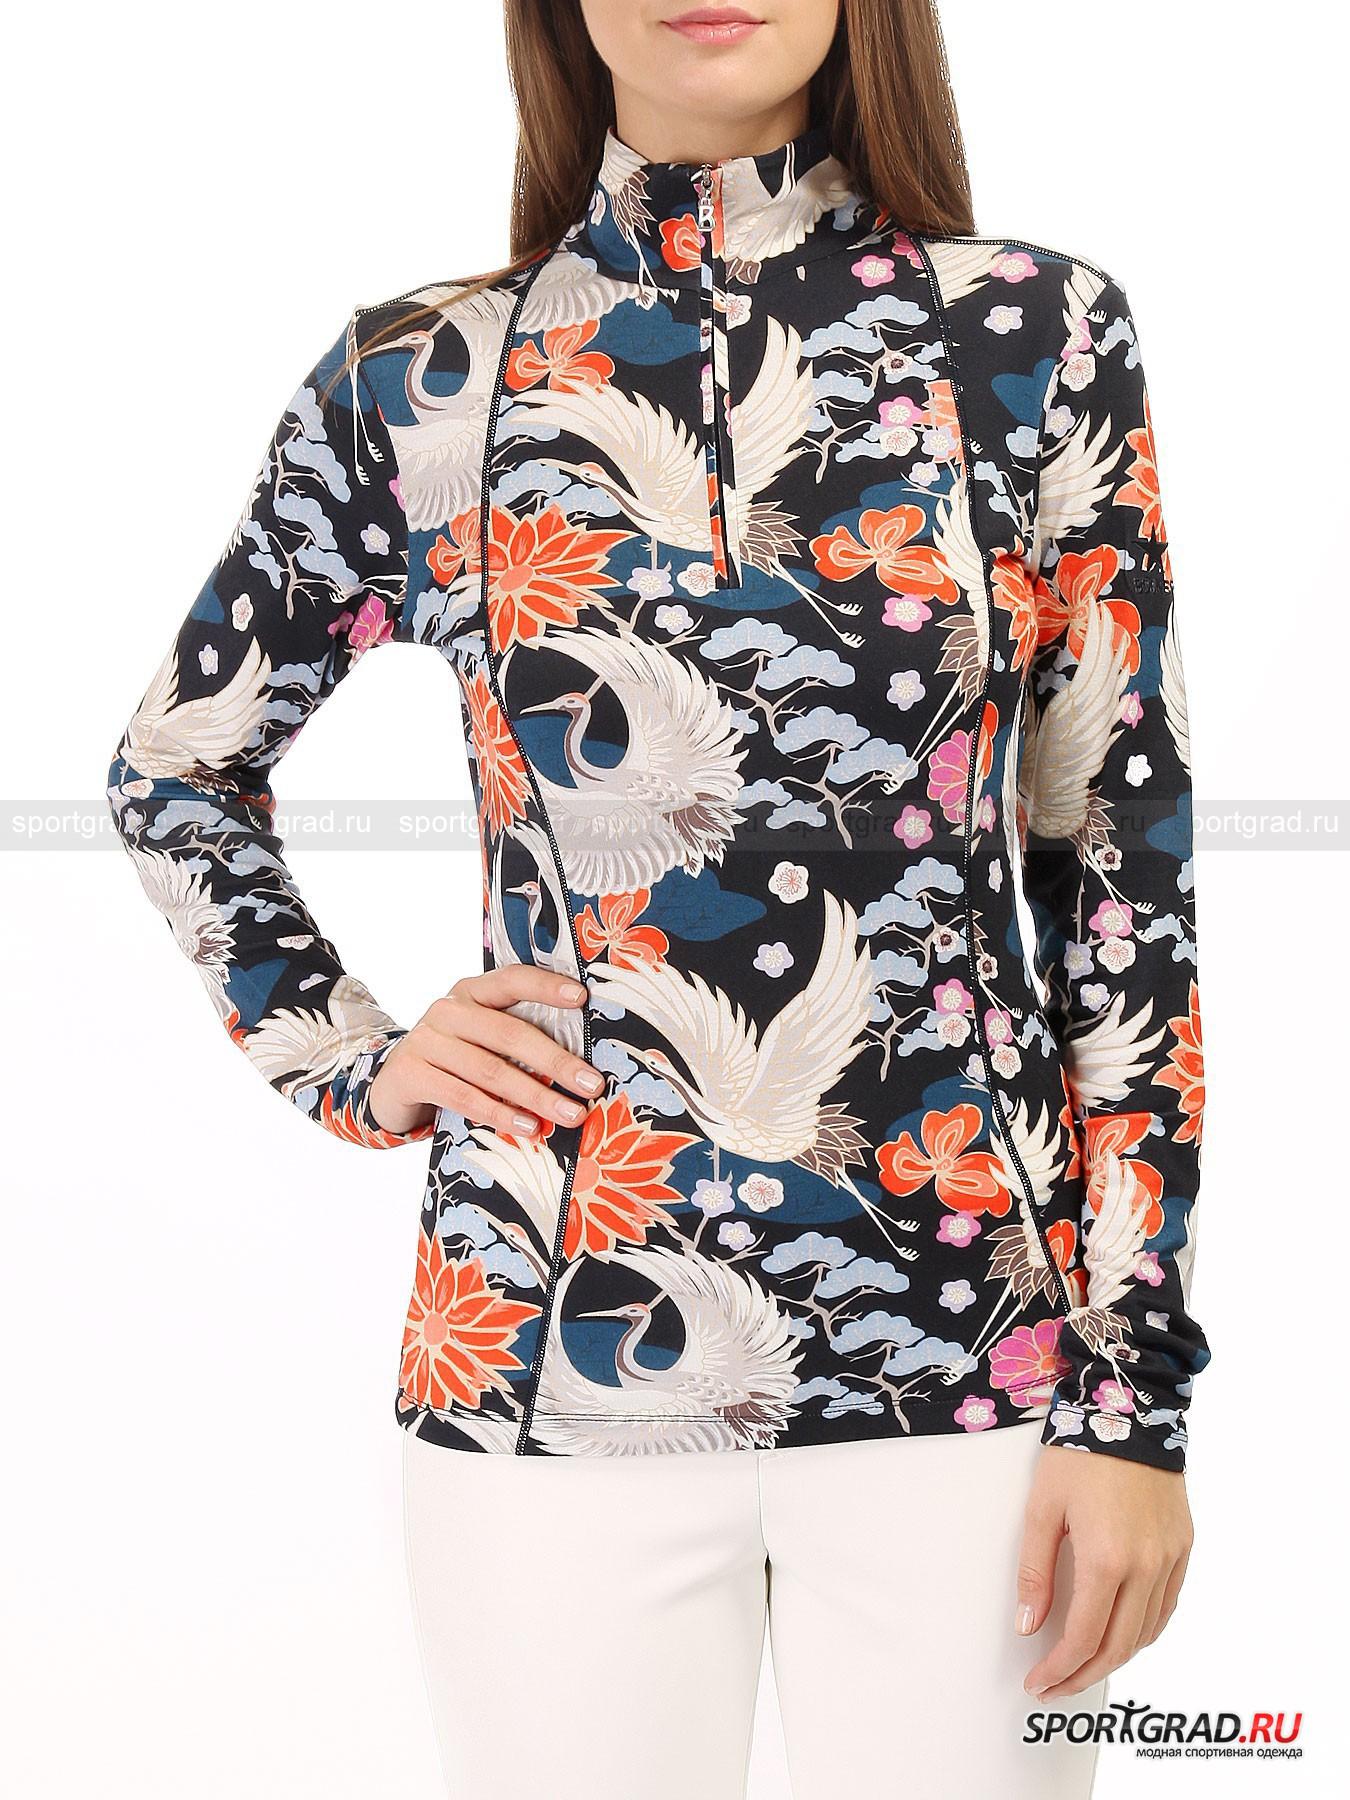 Толстовка женская BOGNER MarnaТолстовки<br>Компания Bogner продумывает свою продукцию со всей тщательностью, присущей мастерам своего дела. Стоит понимать, что одежда для зимнего периода – это не только теплые куртки и свитера, должна быть заготовлена основа и под них.<br><br>Такой основой может стать модель женской толстовки Marna, которую принято использовать в качестве первого слоя вместо пресловутых футболок и маек. На горнолыжном склоне важно правильно подобрать себе одежду, чтобы наслаждаться отдыхом в полной мере, а не проводить его с температурой на больничной койке. Легкий, воздушный материал изготовления дополнен эластаном для лучшей эластичности и износостойкости. Ключевым и бросающимся в глаза видом оформления толстовки стала, конечно, его расцветка. Приятный принт с изображением цветов будет поднимать настроение в любую погоду.<br><br>•Ворот стойкой<br>•Молния на вороте до груди<br>•Усиленные швы<br>•Фирменный логотип компании на бегунке молнии<br><br>Пол: Женский<br>Возраст: Взрослый<br>Тип: Толстовки<br>Рекомендации по уходу: Деликатная стирка при 30С, не отбеливать, не сушить в барабане стиральной машины, гладить при температуре не выше 110С, химчистка разрешена.<br>Состав: 95% вискоза/5% эластан.